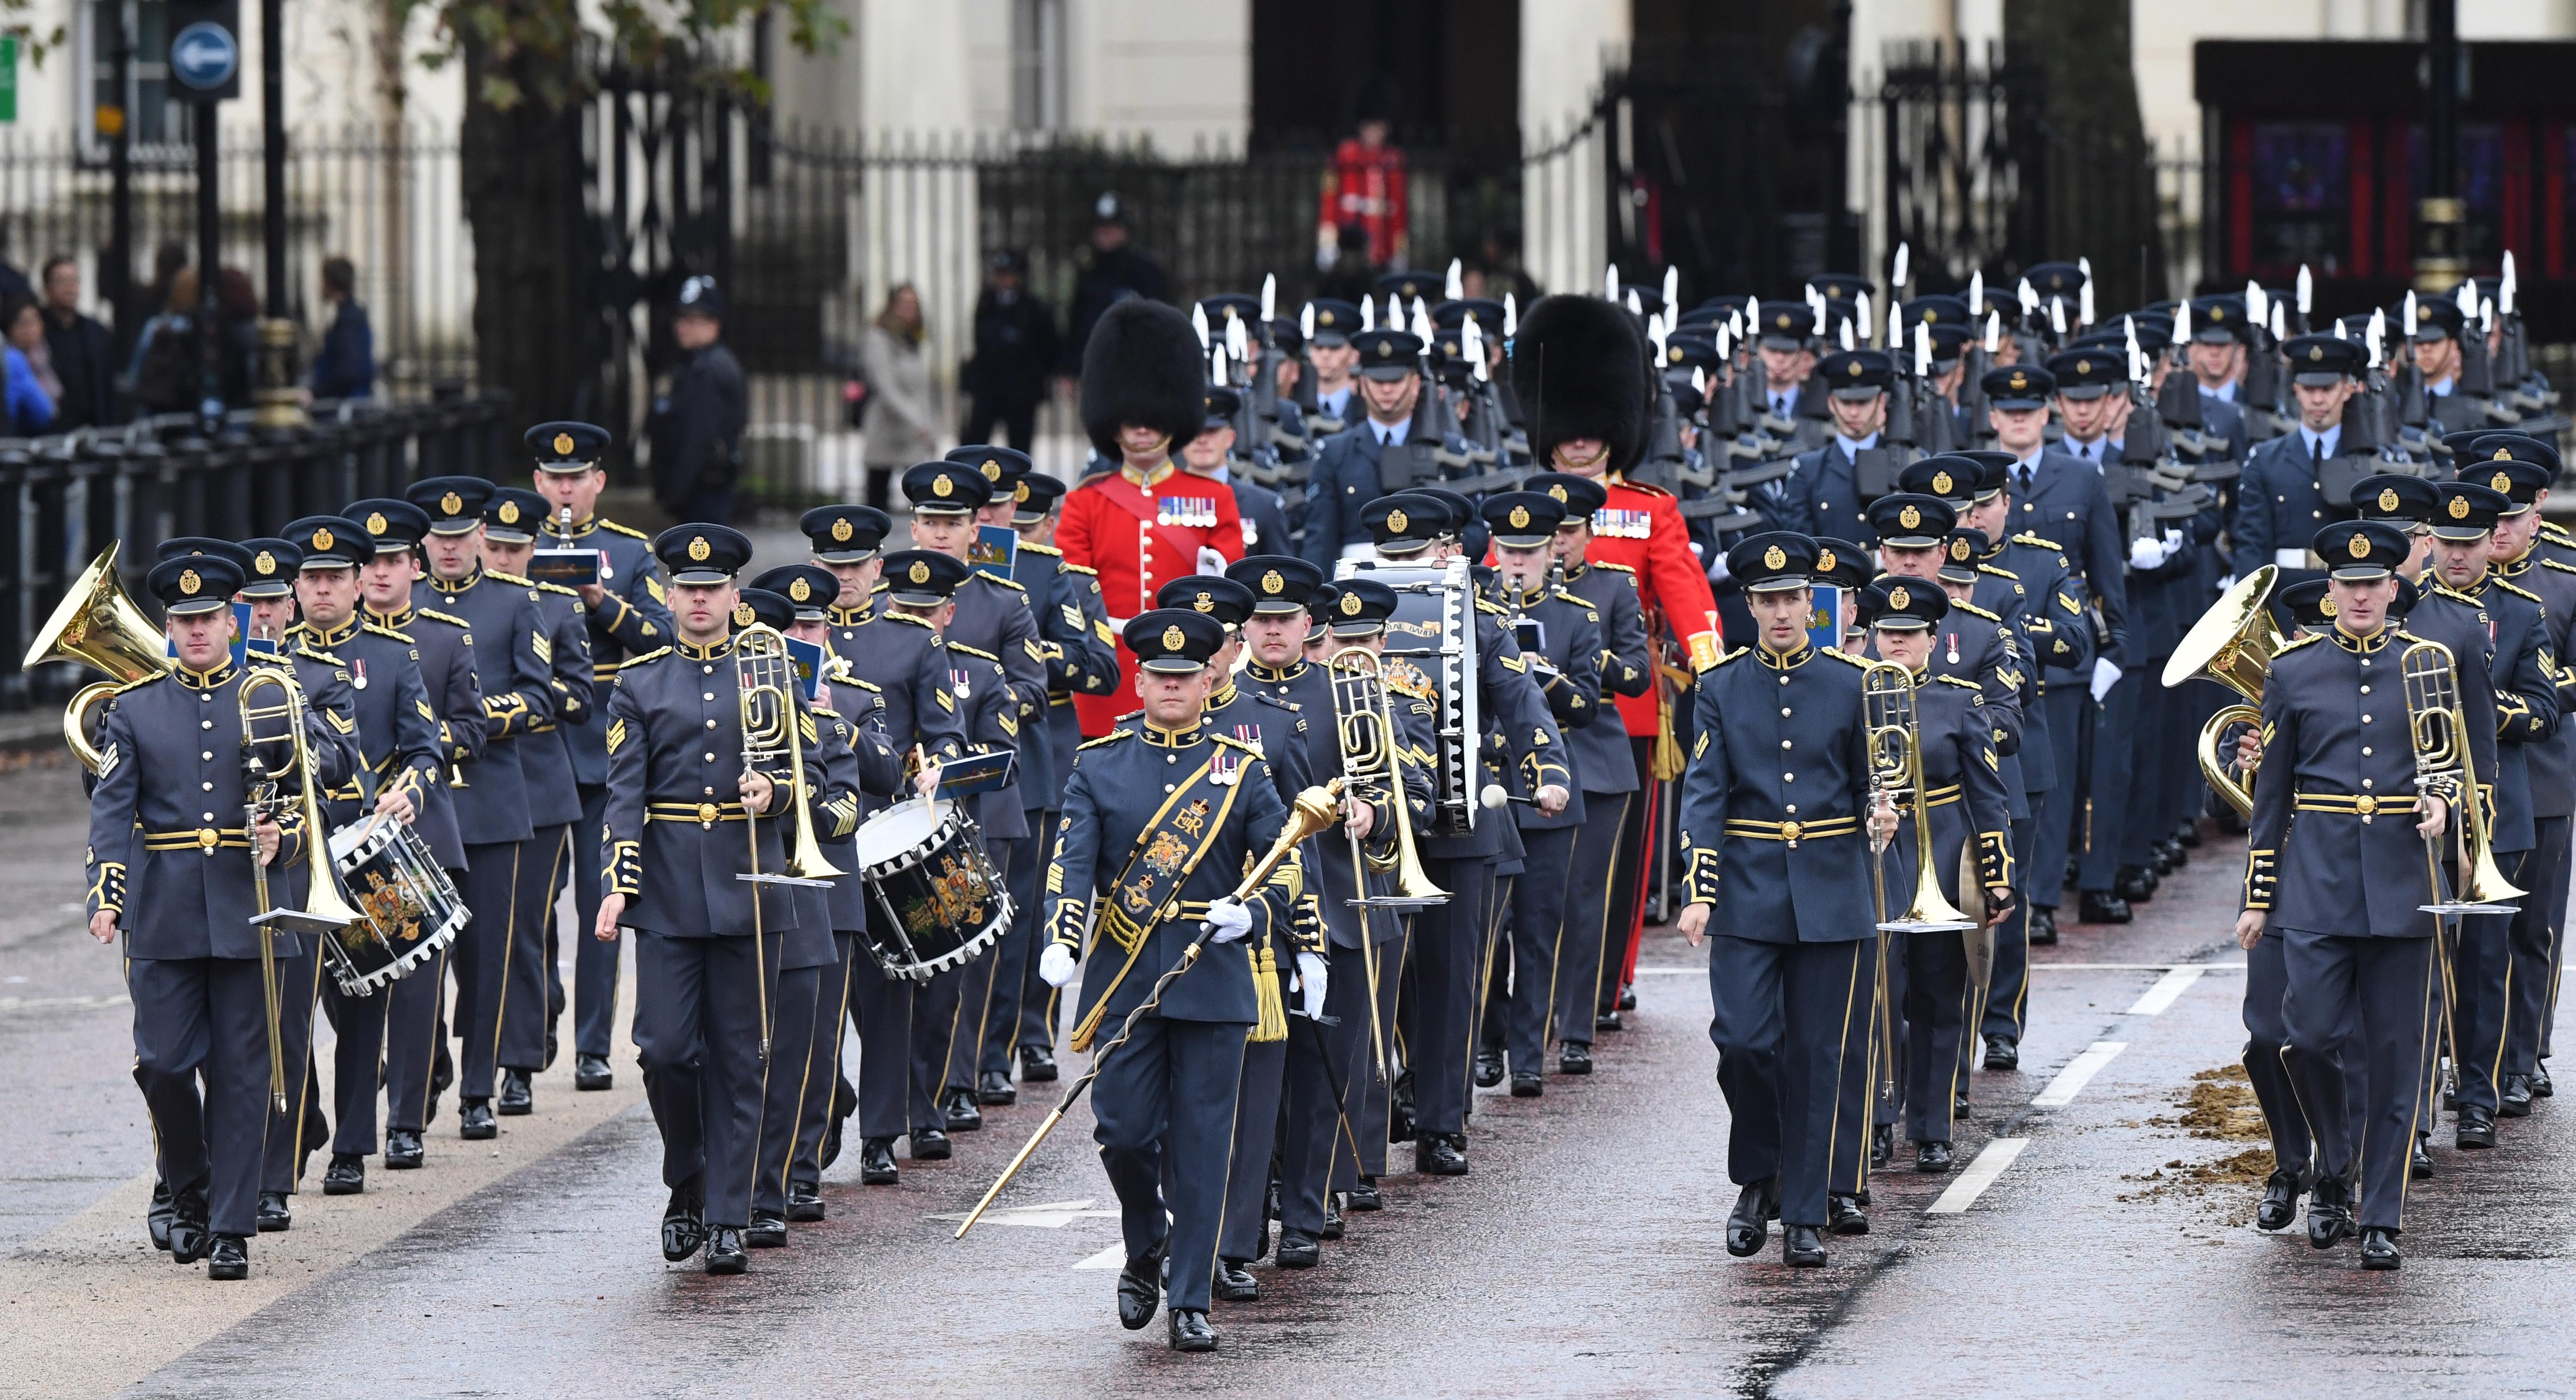 Речта на кралицата бележи първото подобно обръщение на монарх след 21 юни 2017 г. Тази година обръщението очертава законодателната програма на Великобритания за предстоящата година.Речта се произнася традиционно в Камарата на лордовете.